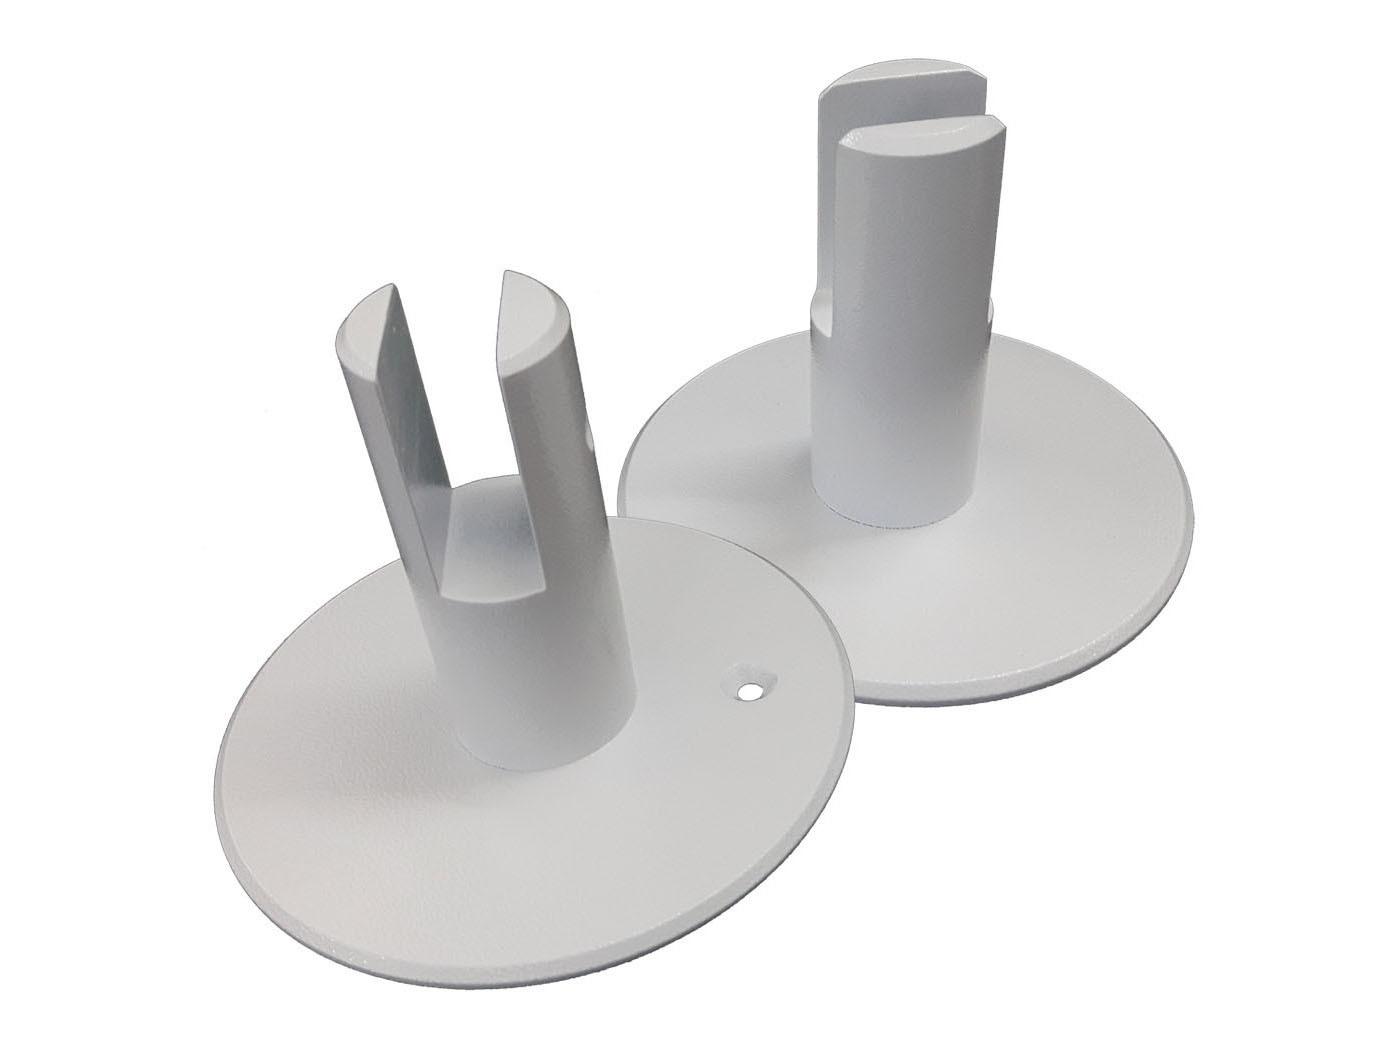 infrarotheizung preise infrarotheizung unsere produktauswahl infrarotheizungtest. Black Bedroom Furniture Sets. Home Design Ideas